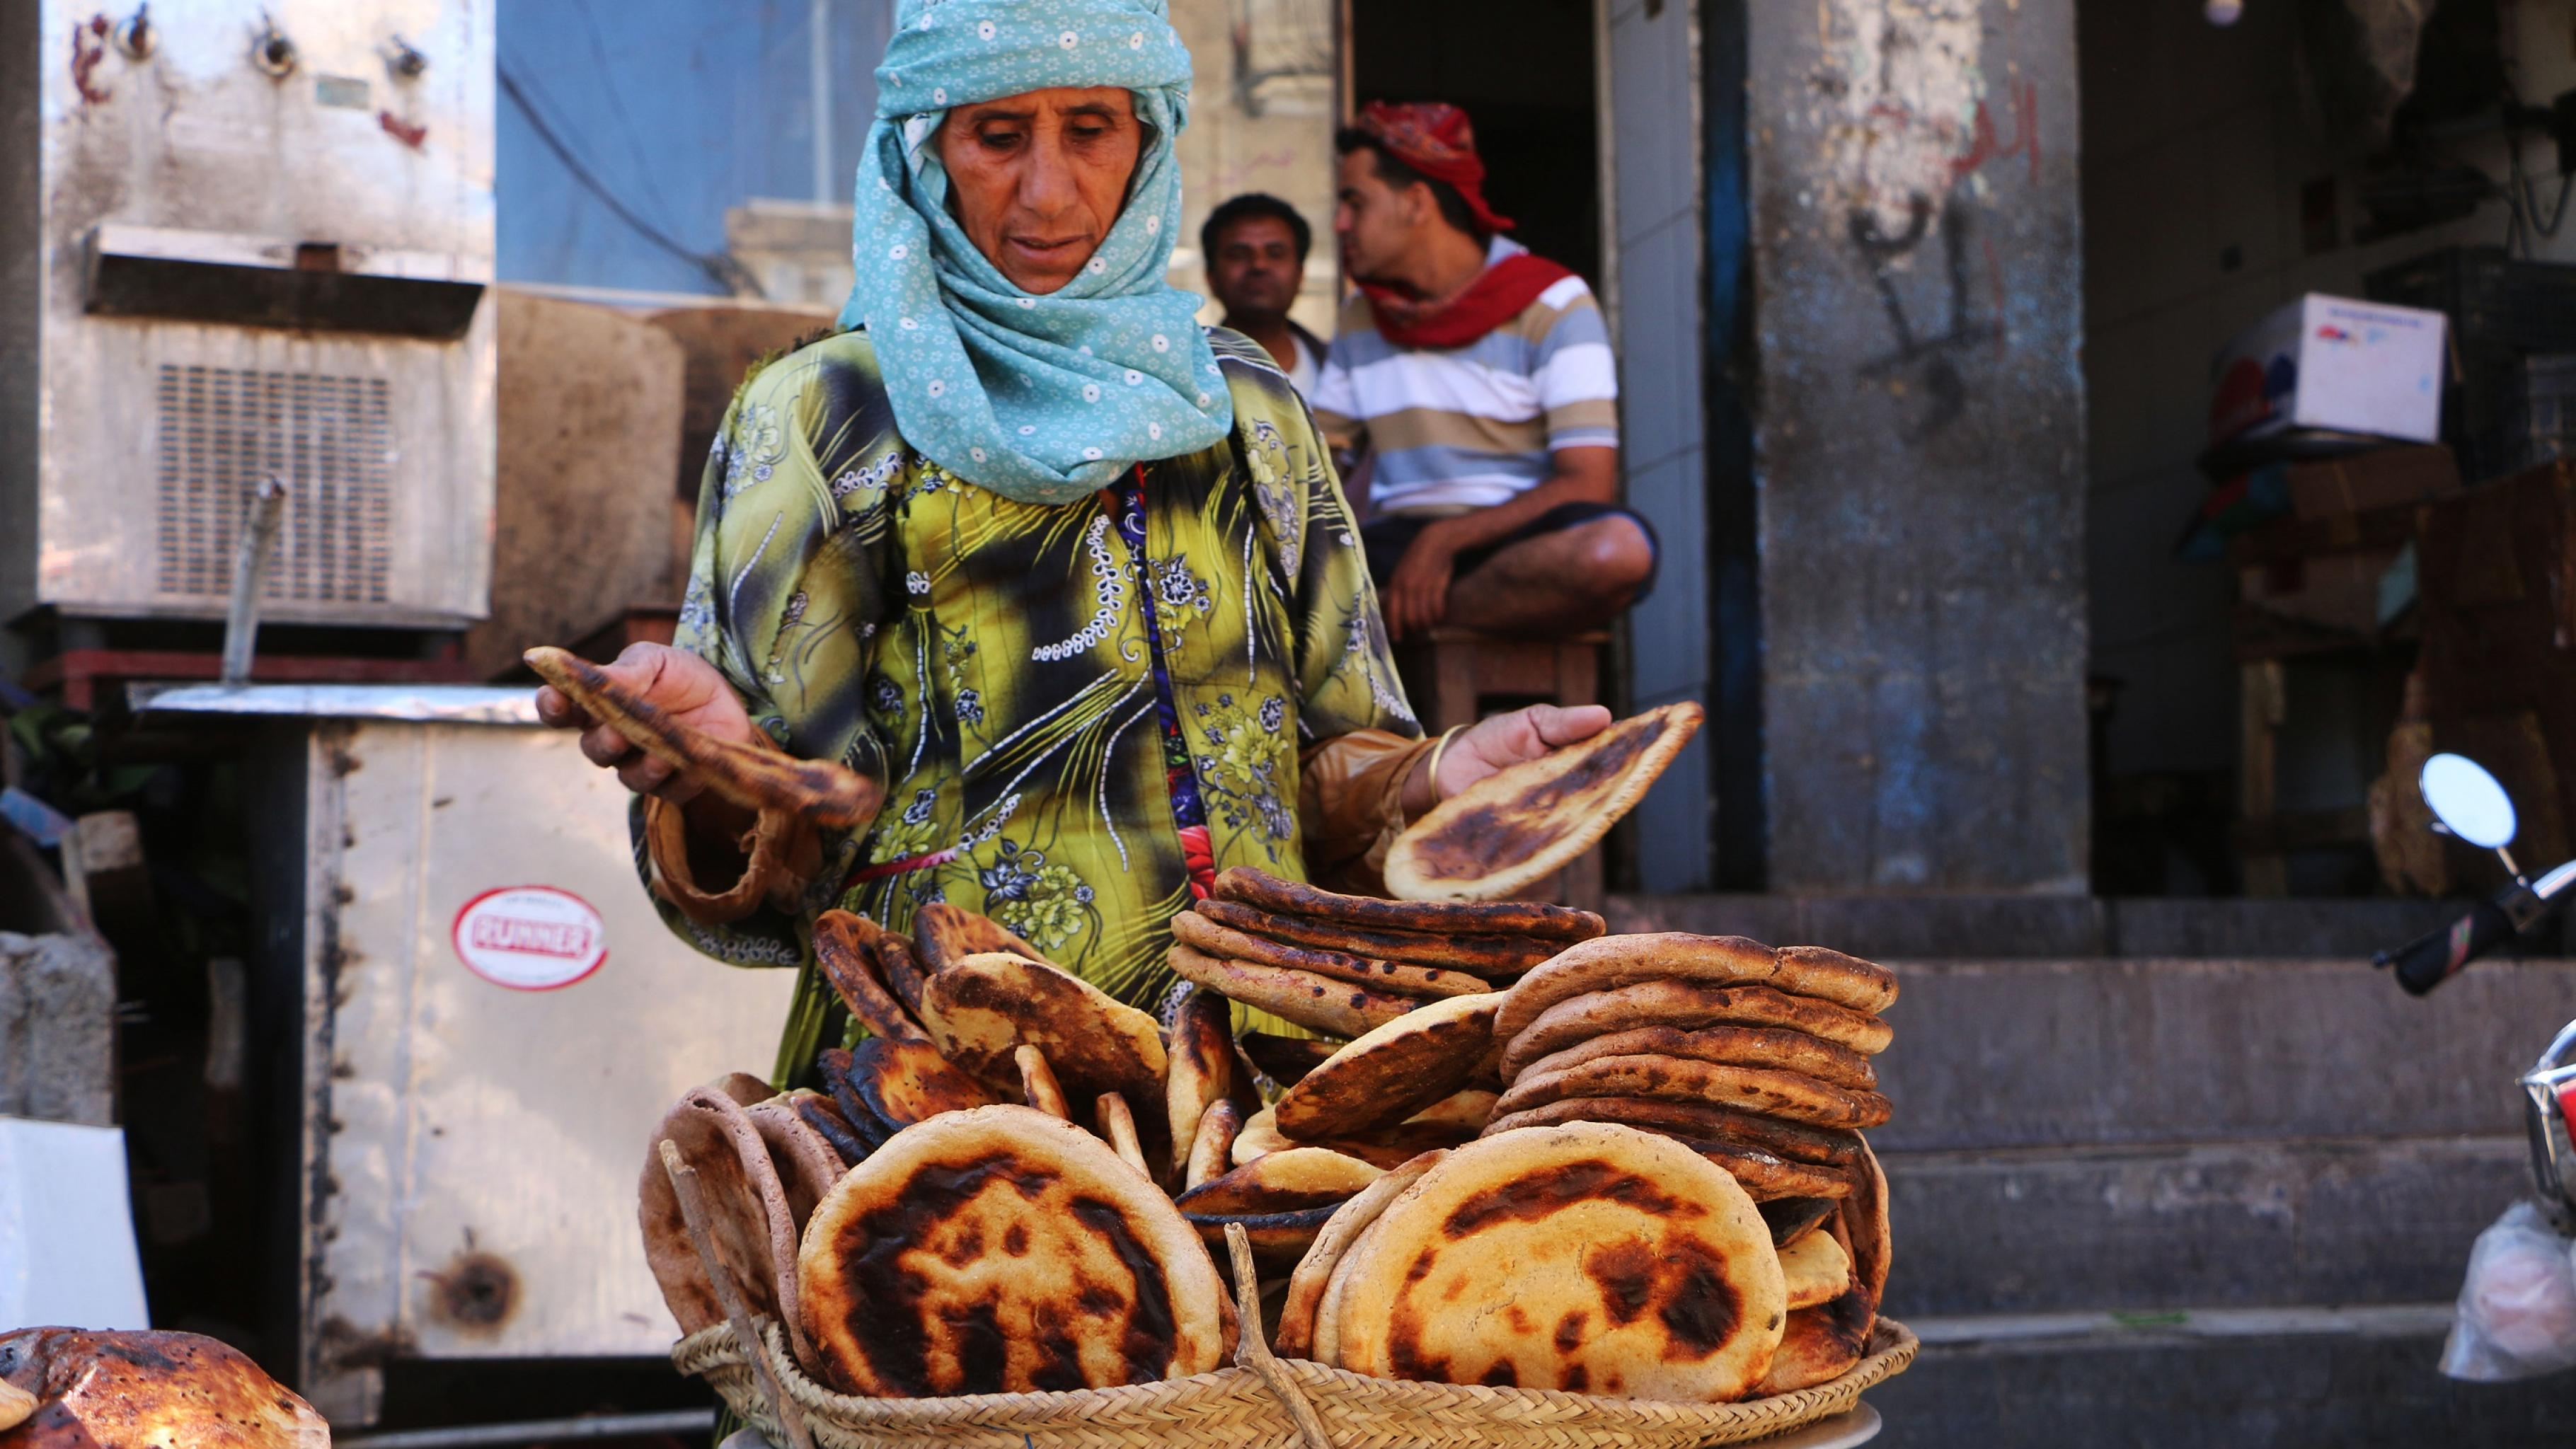 Eine Frau verkauft Fladenbrot aus einem großen Korb.